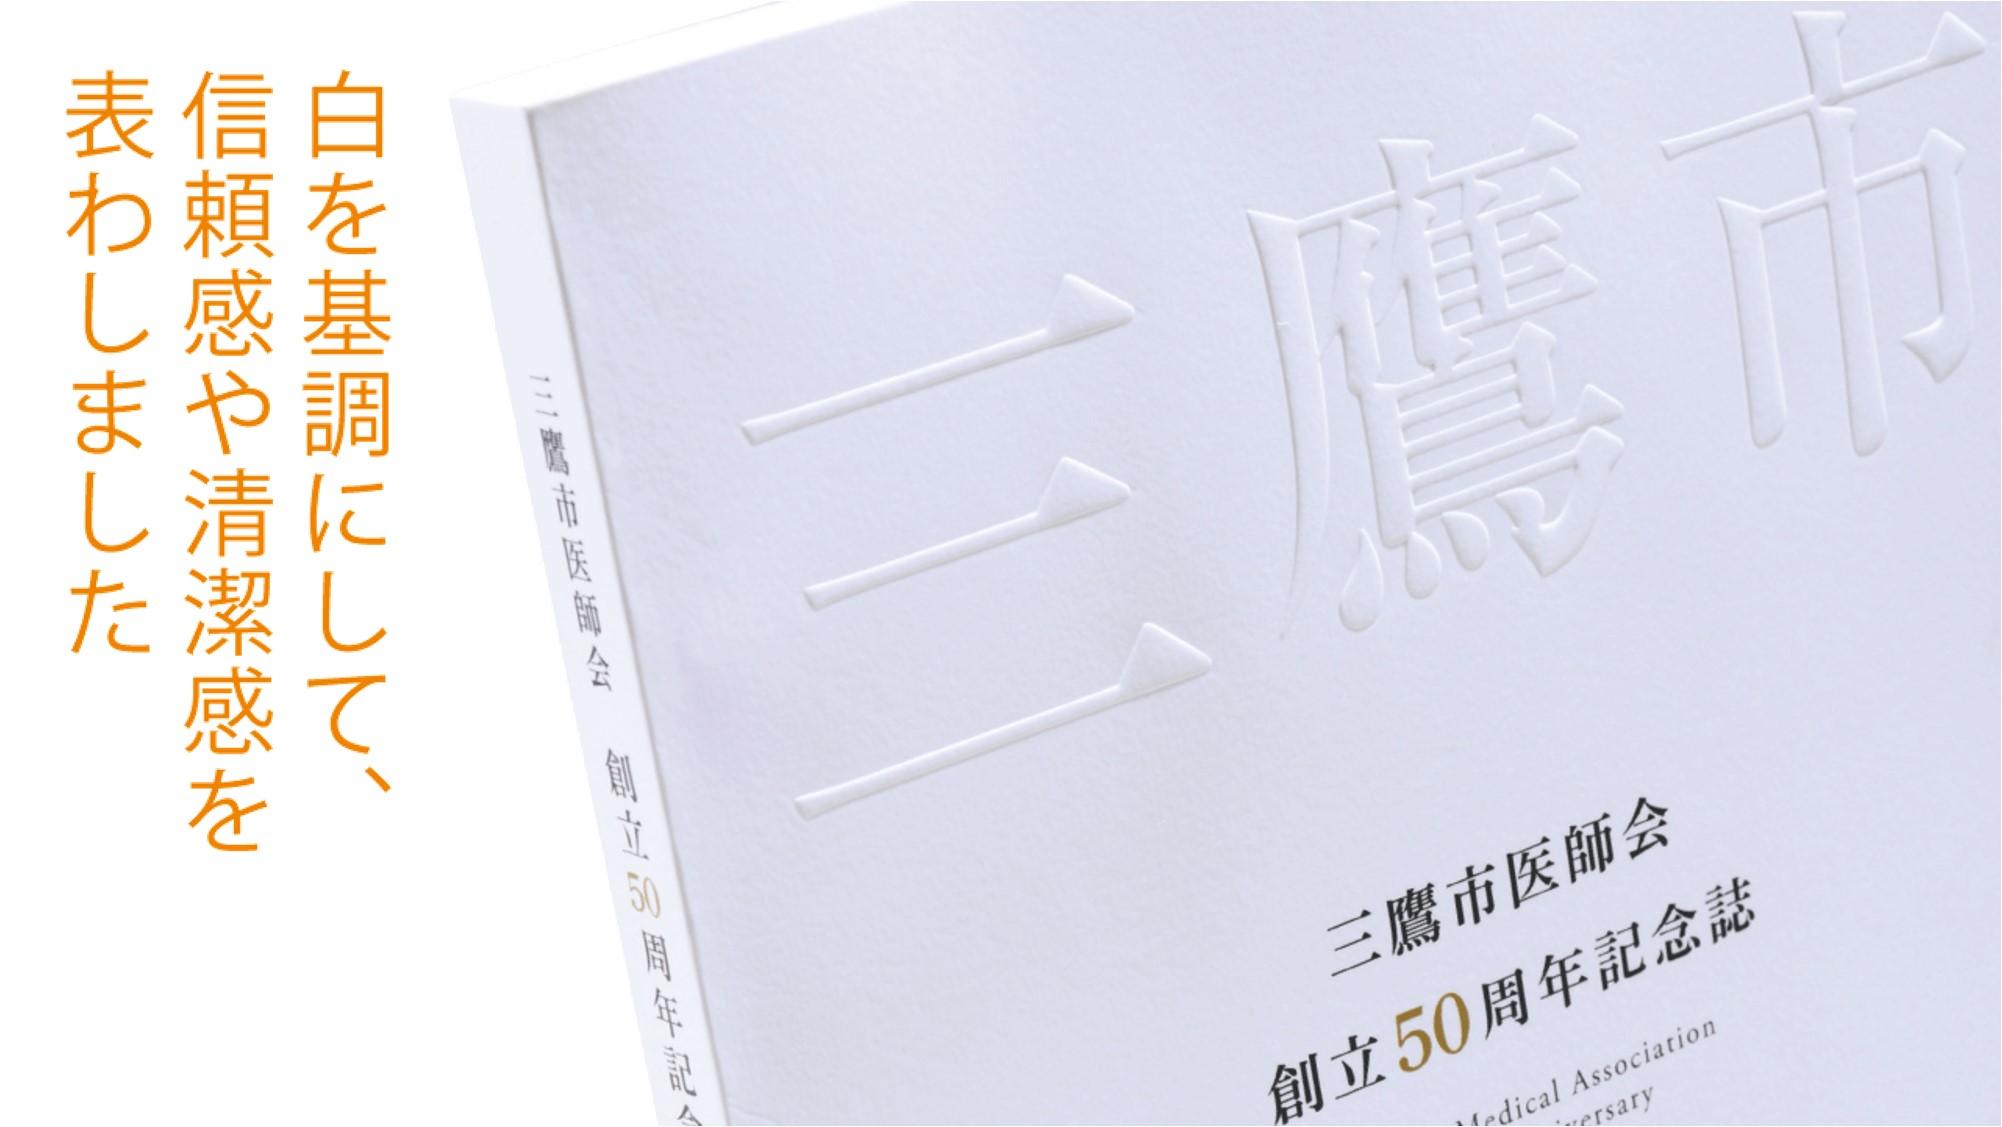 制作事例:公益社団法人三鷹市医師会様 『三鷹市医師会創立50周年記念誌』